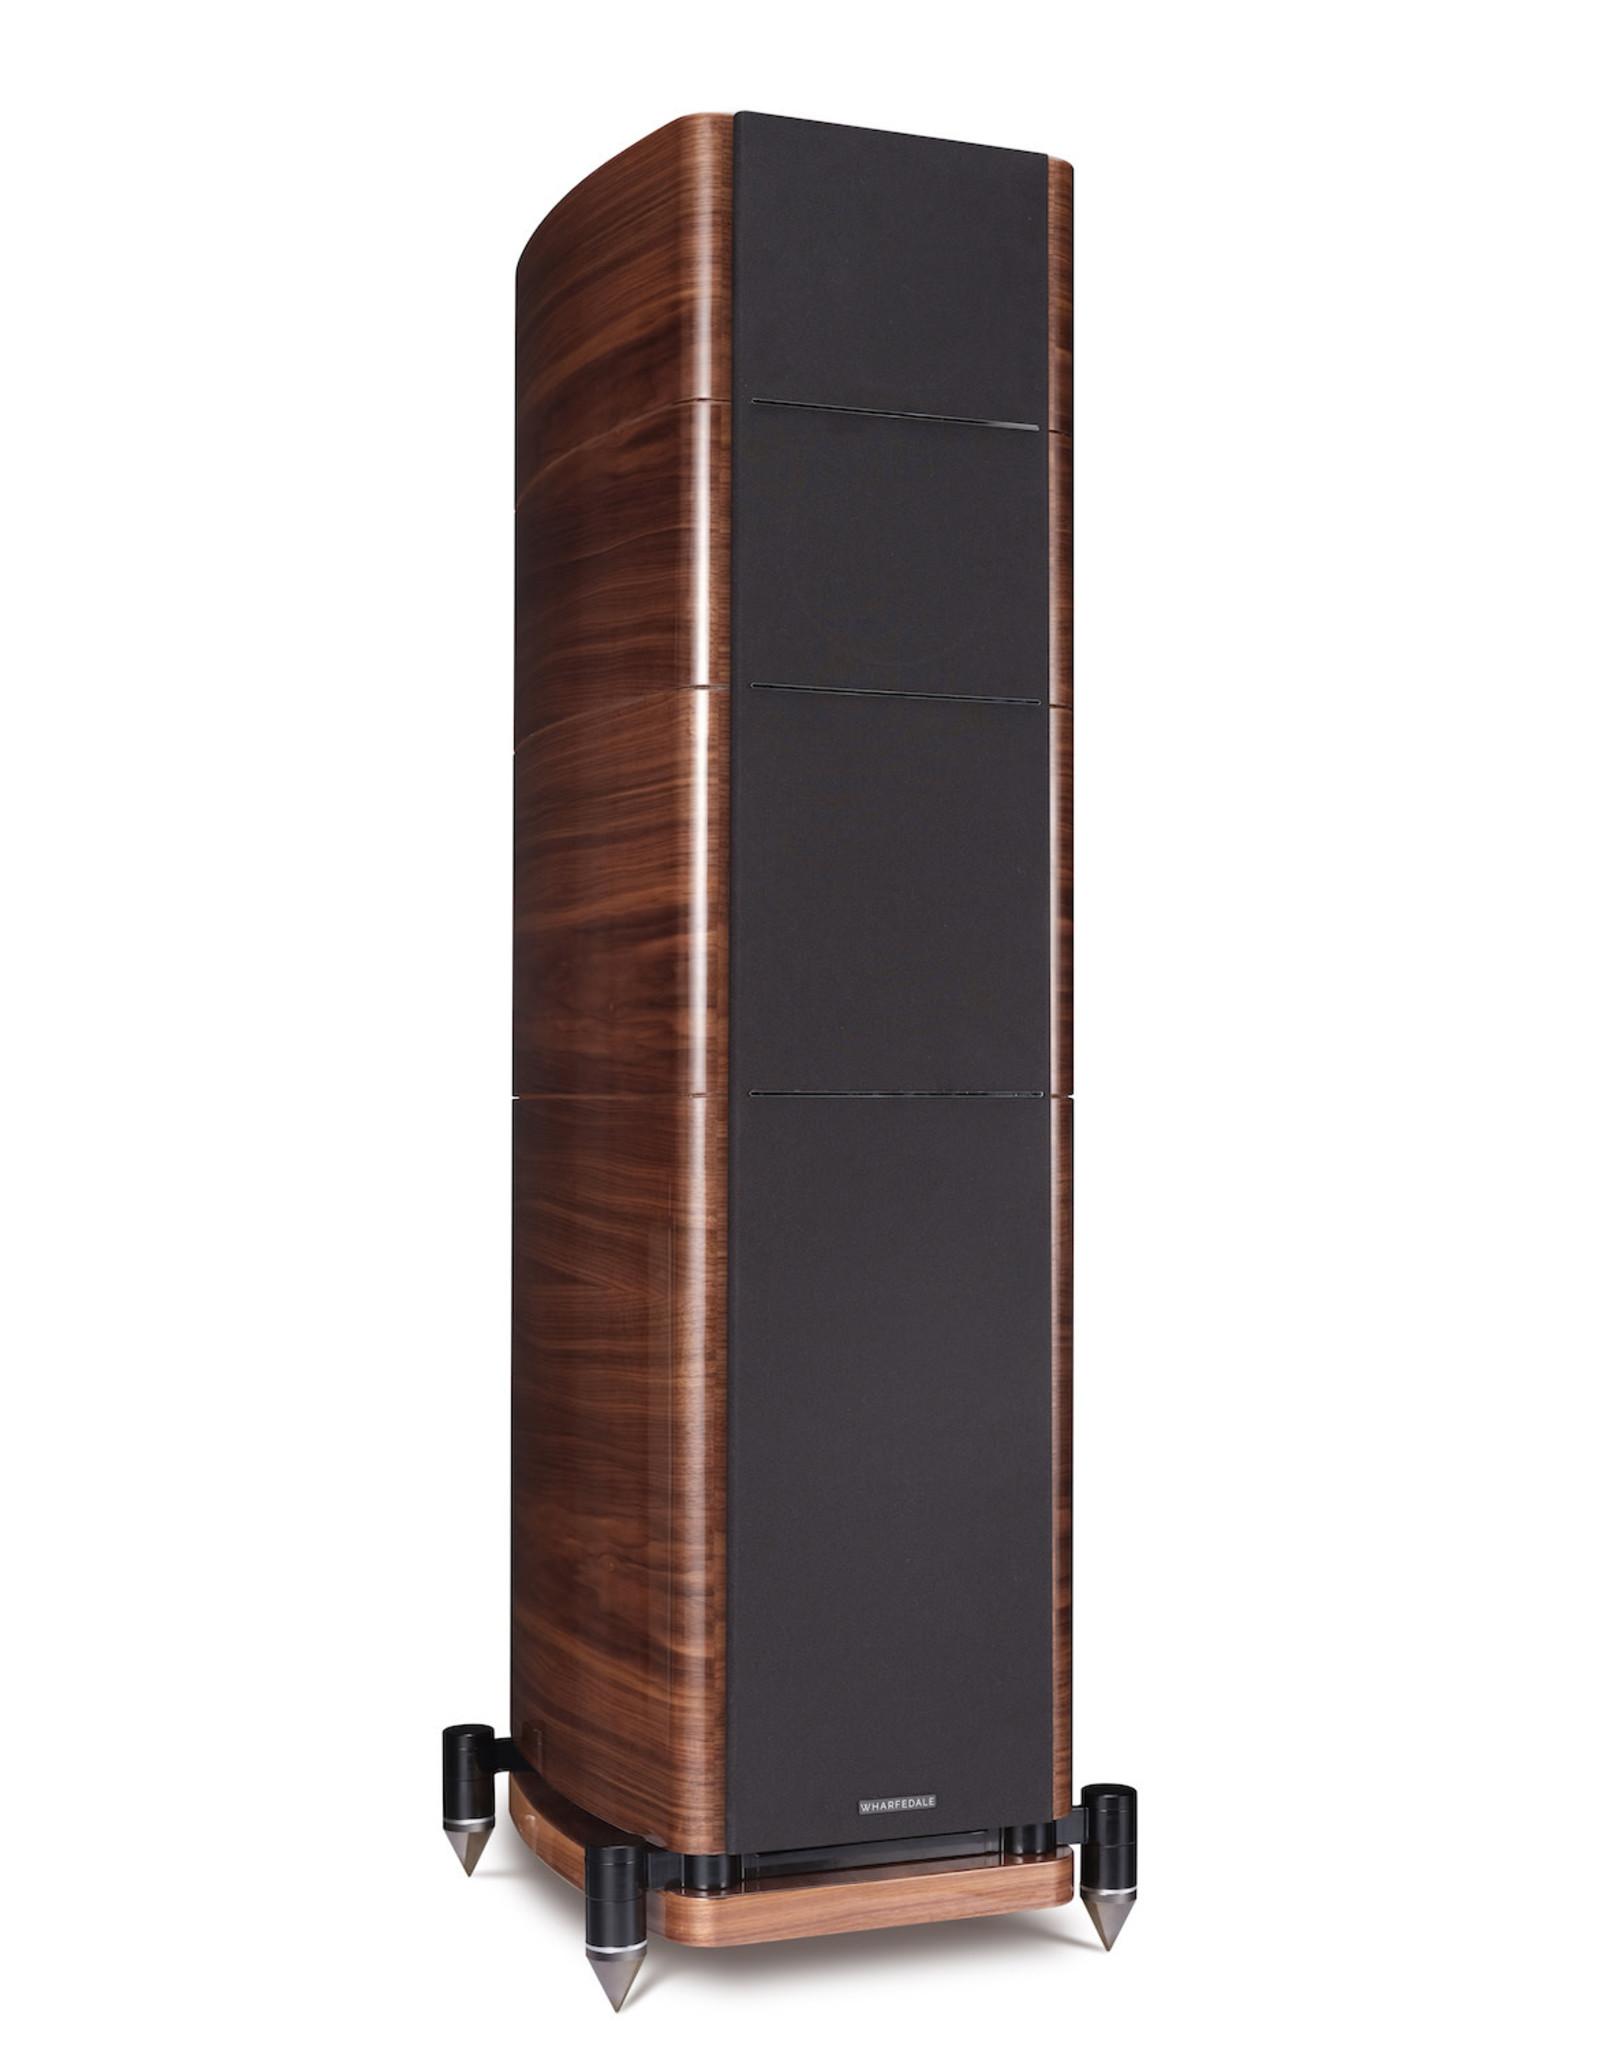 Wharfedale Wharfedale Elysian 4 Floorstanding Speakers